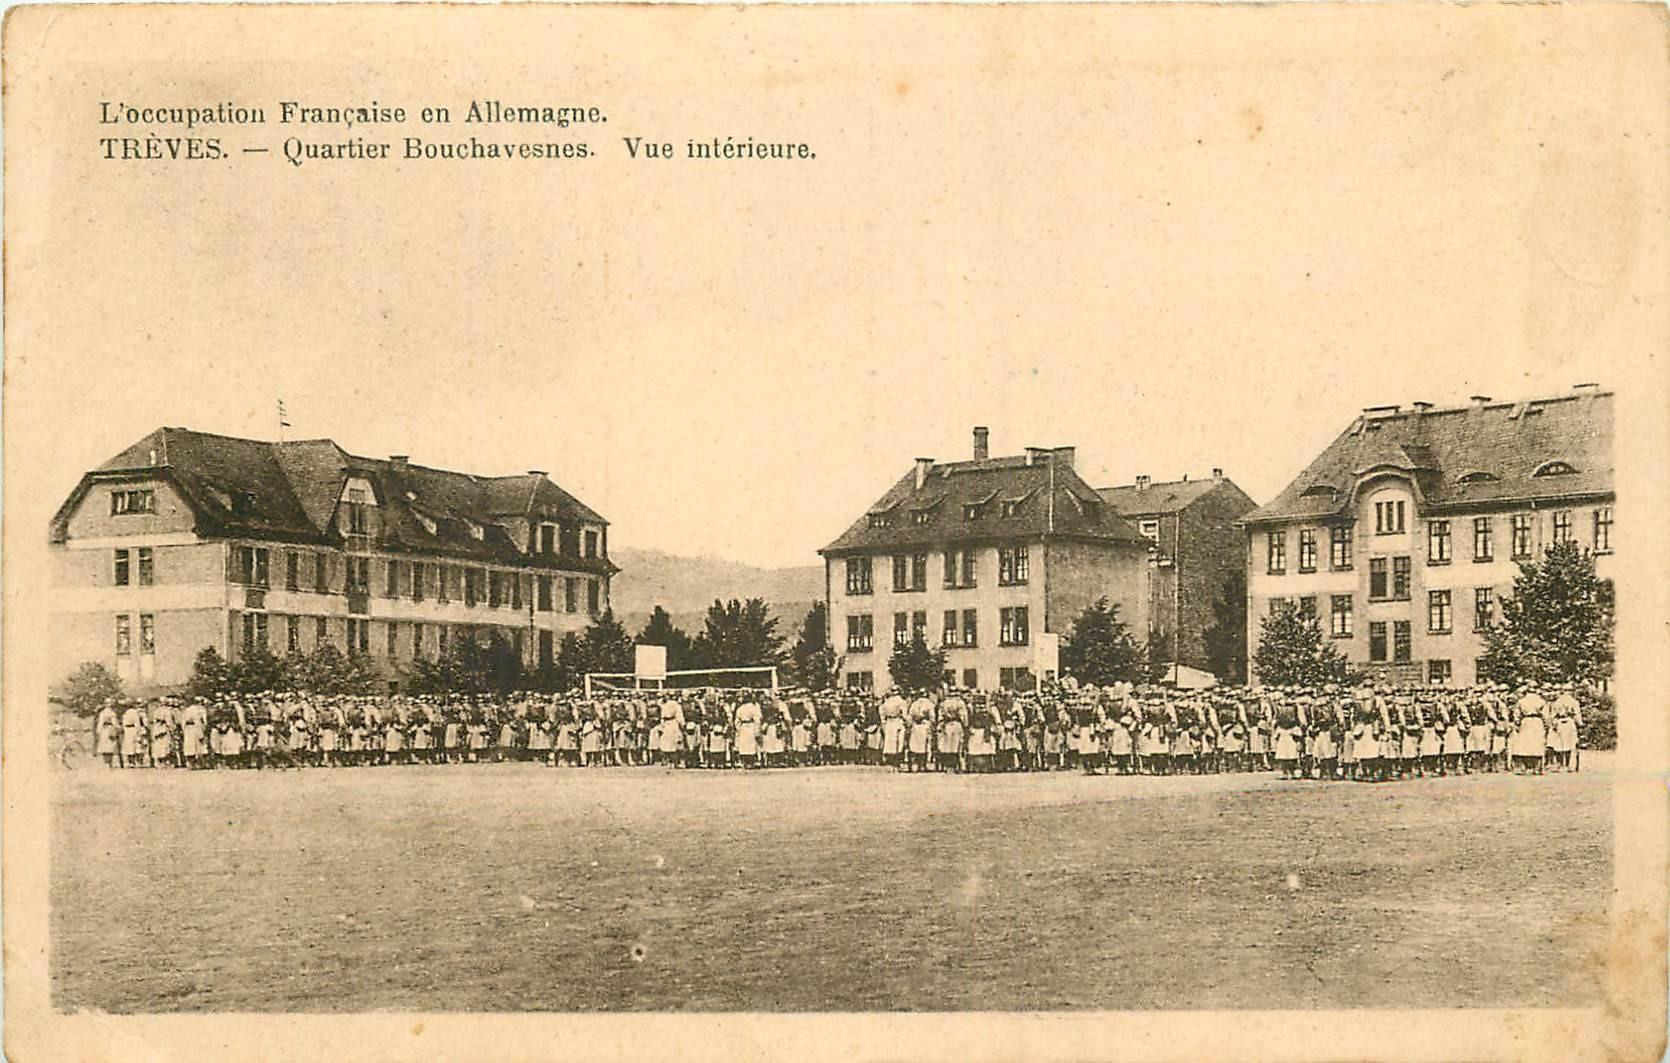 WW TREVES TRIER. Quartie Bouchavesnes occupation Française en Allemagne